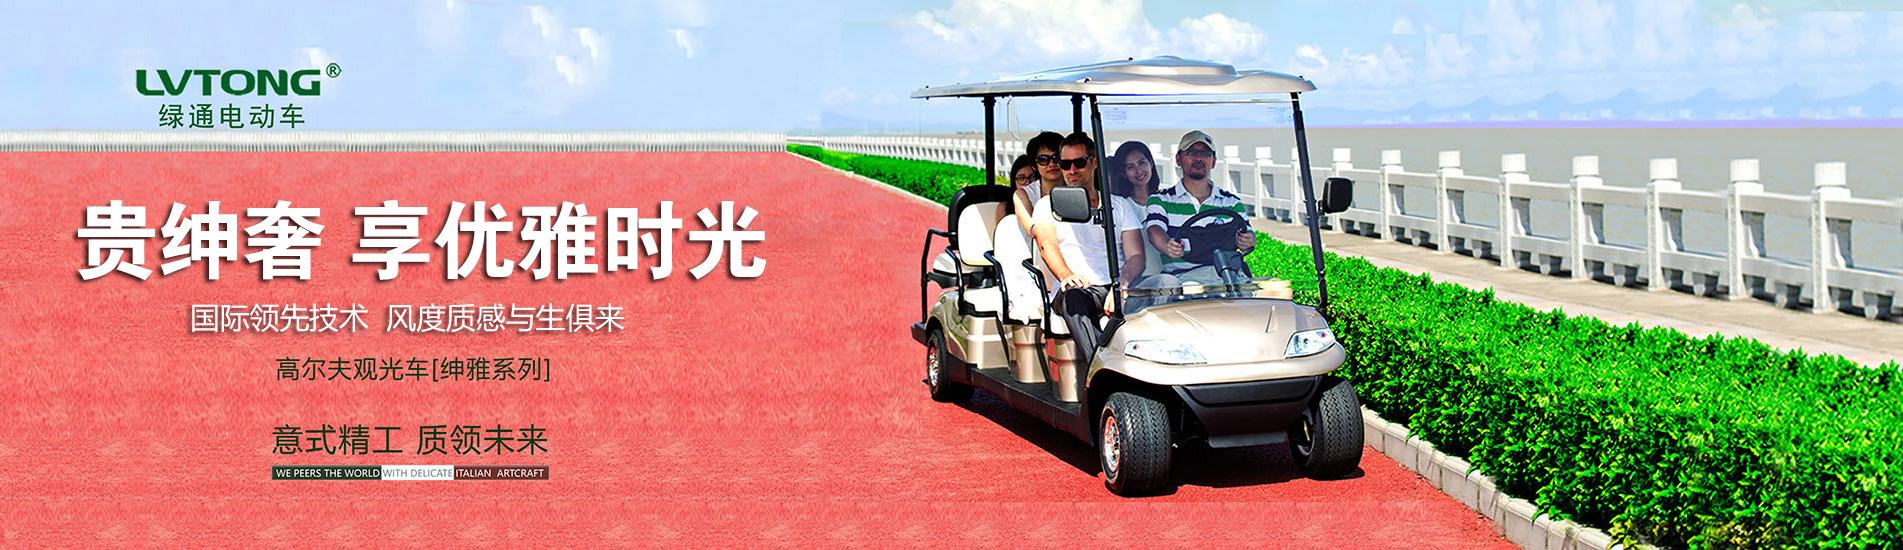 海南高爾夫球車